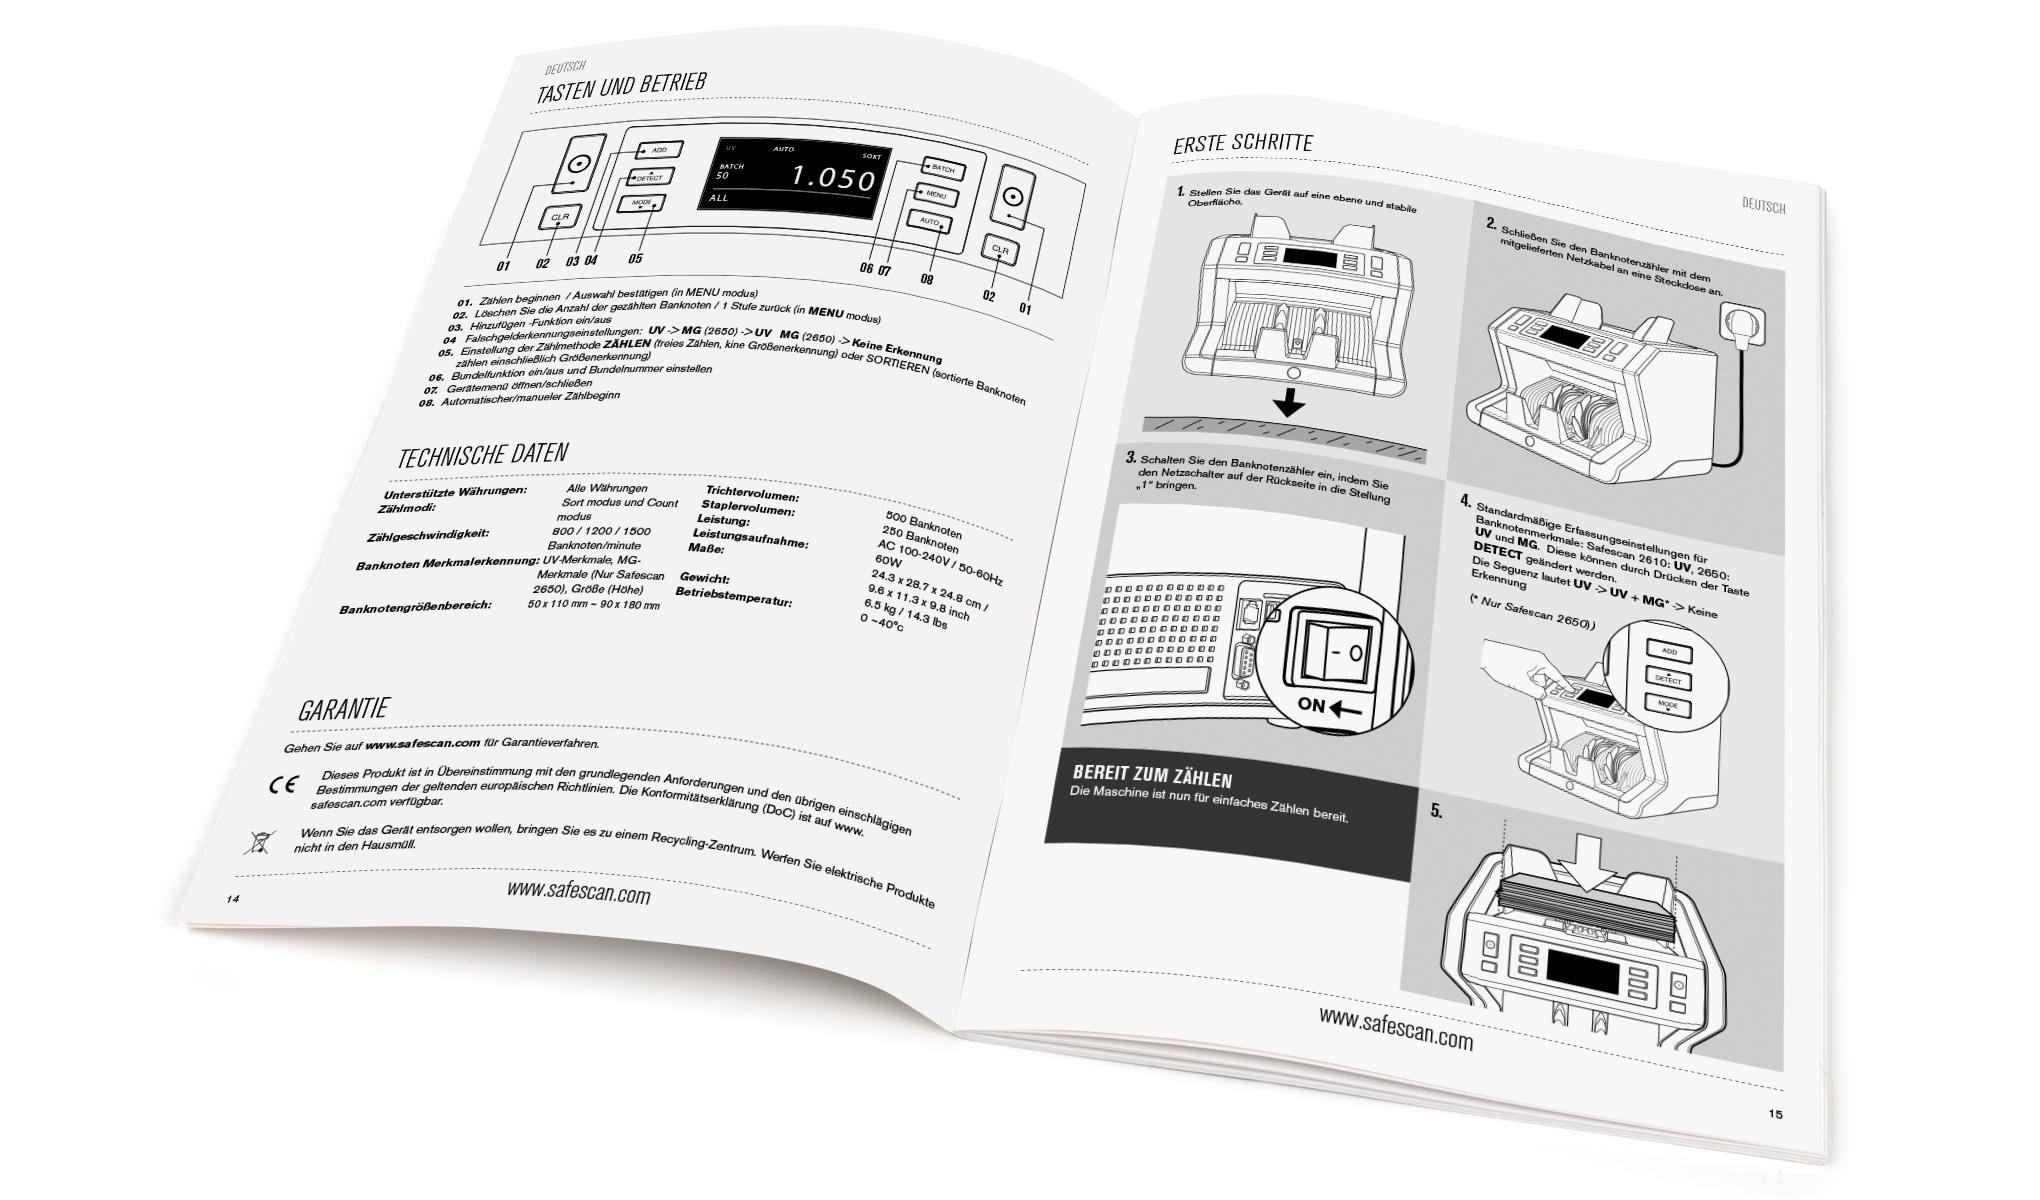 Geldzählmaschine - Safescan 2610 | Safescan.com